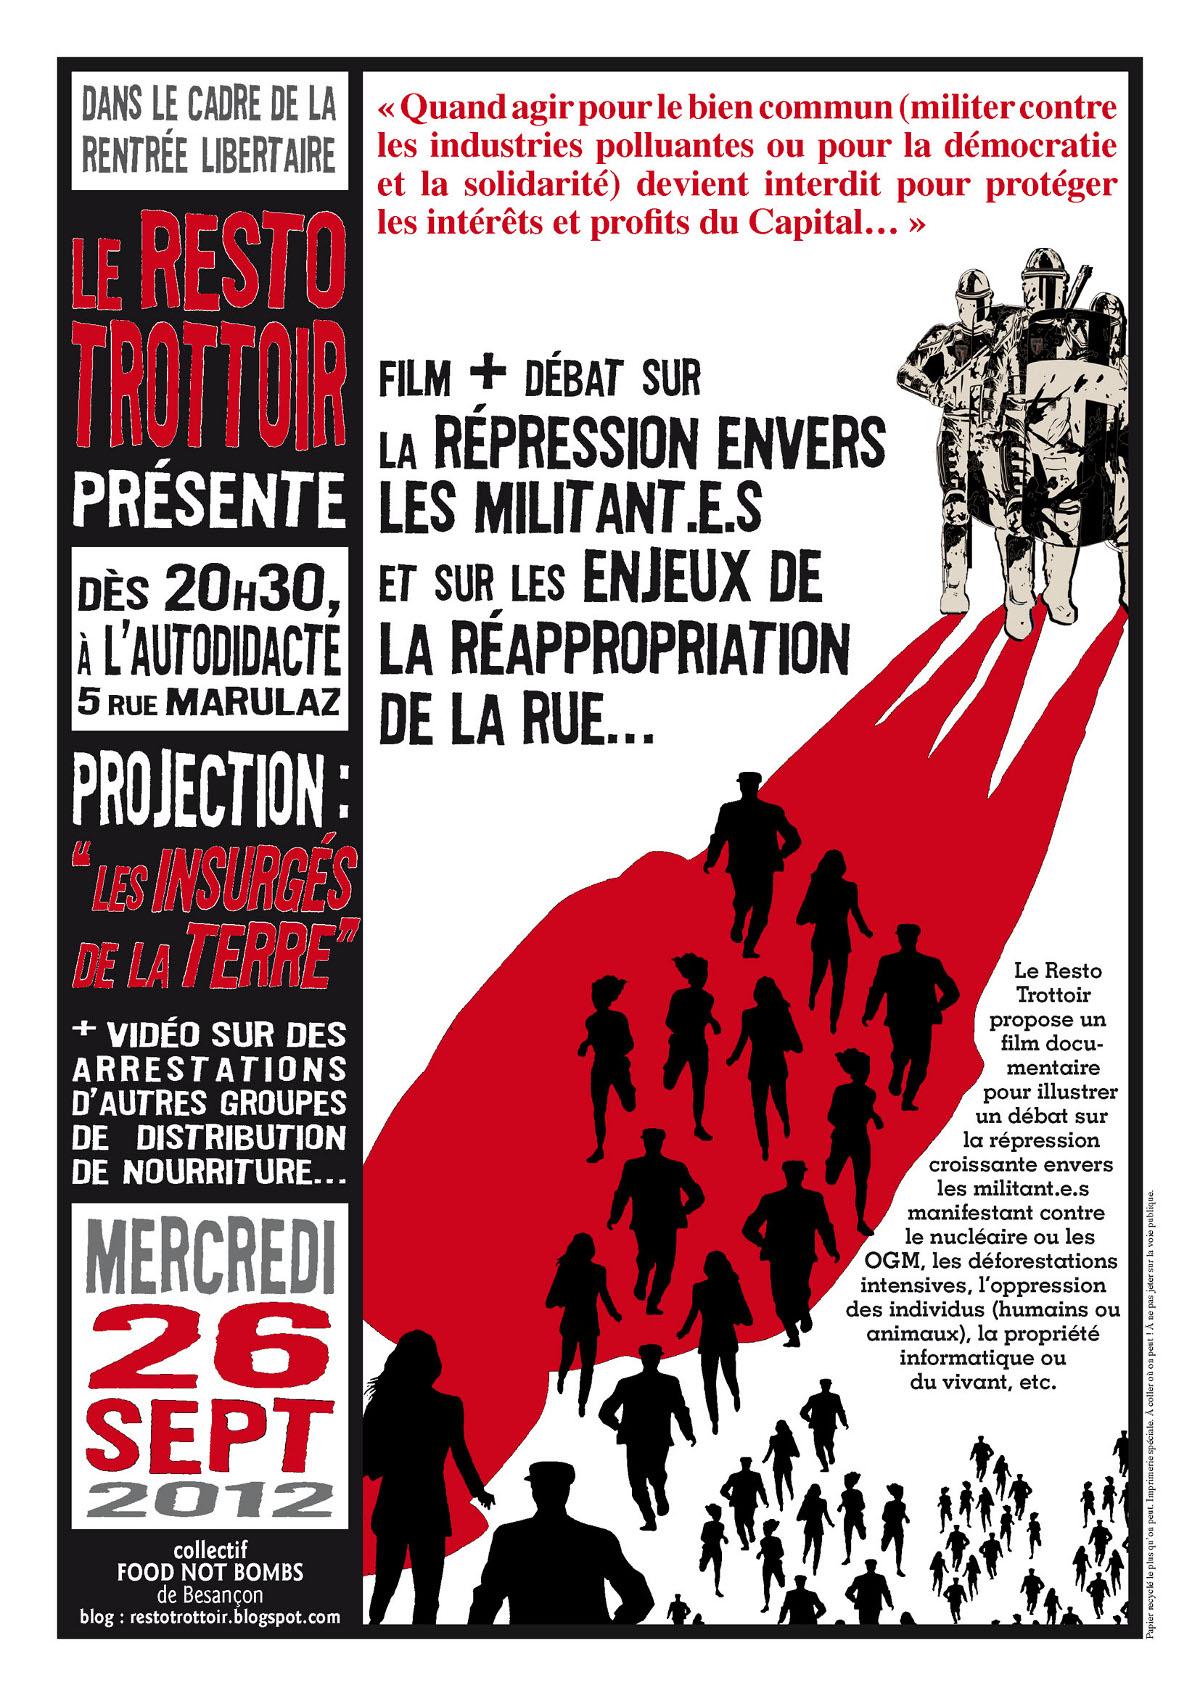 http://juralib.noblogs.org/files/2012/09/0313.jpg